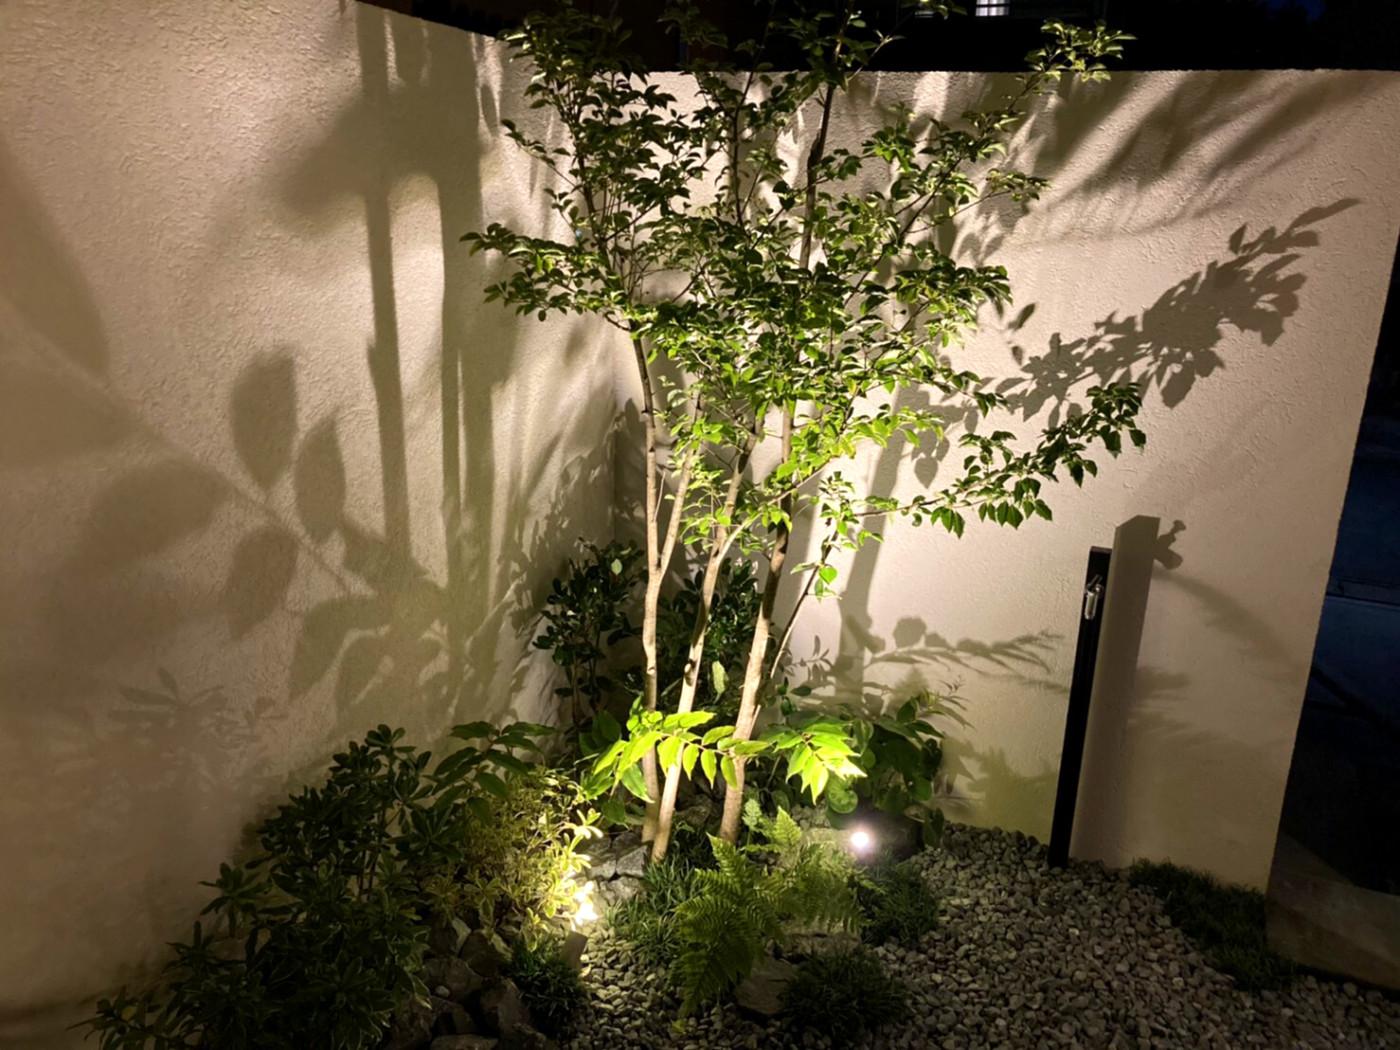 神奈川県 株式会社 琴美建設 グランドアートウォール施工イメージ3258_02